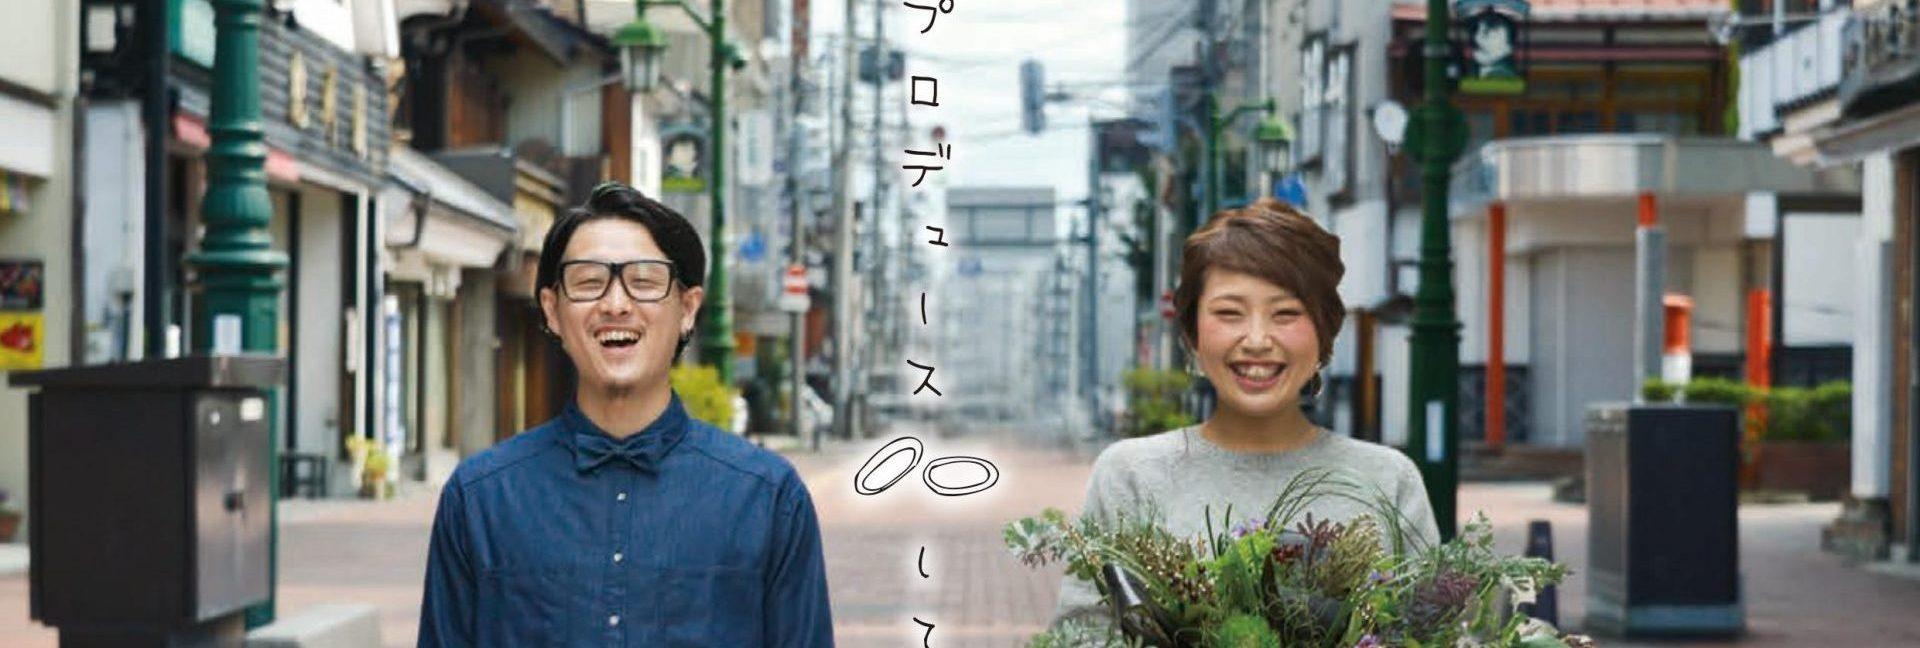 感動プロジェクト 高校生が結婚式を創る!